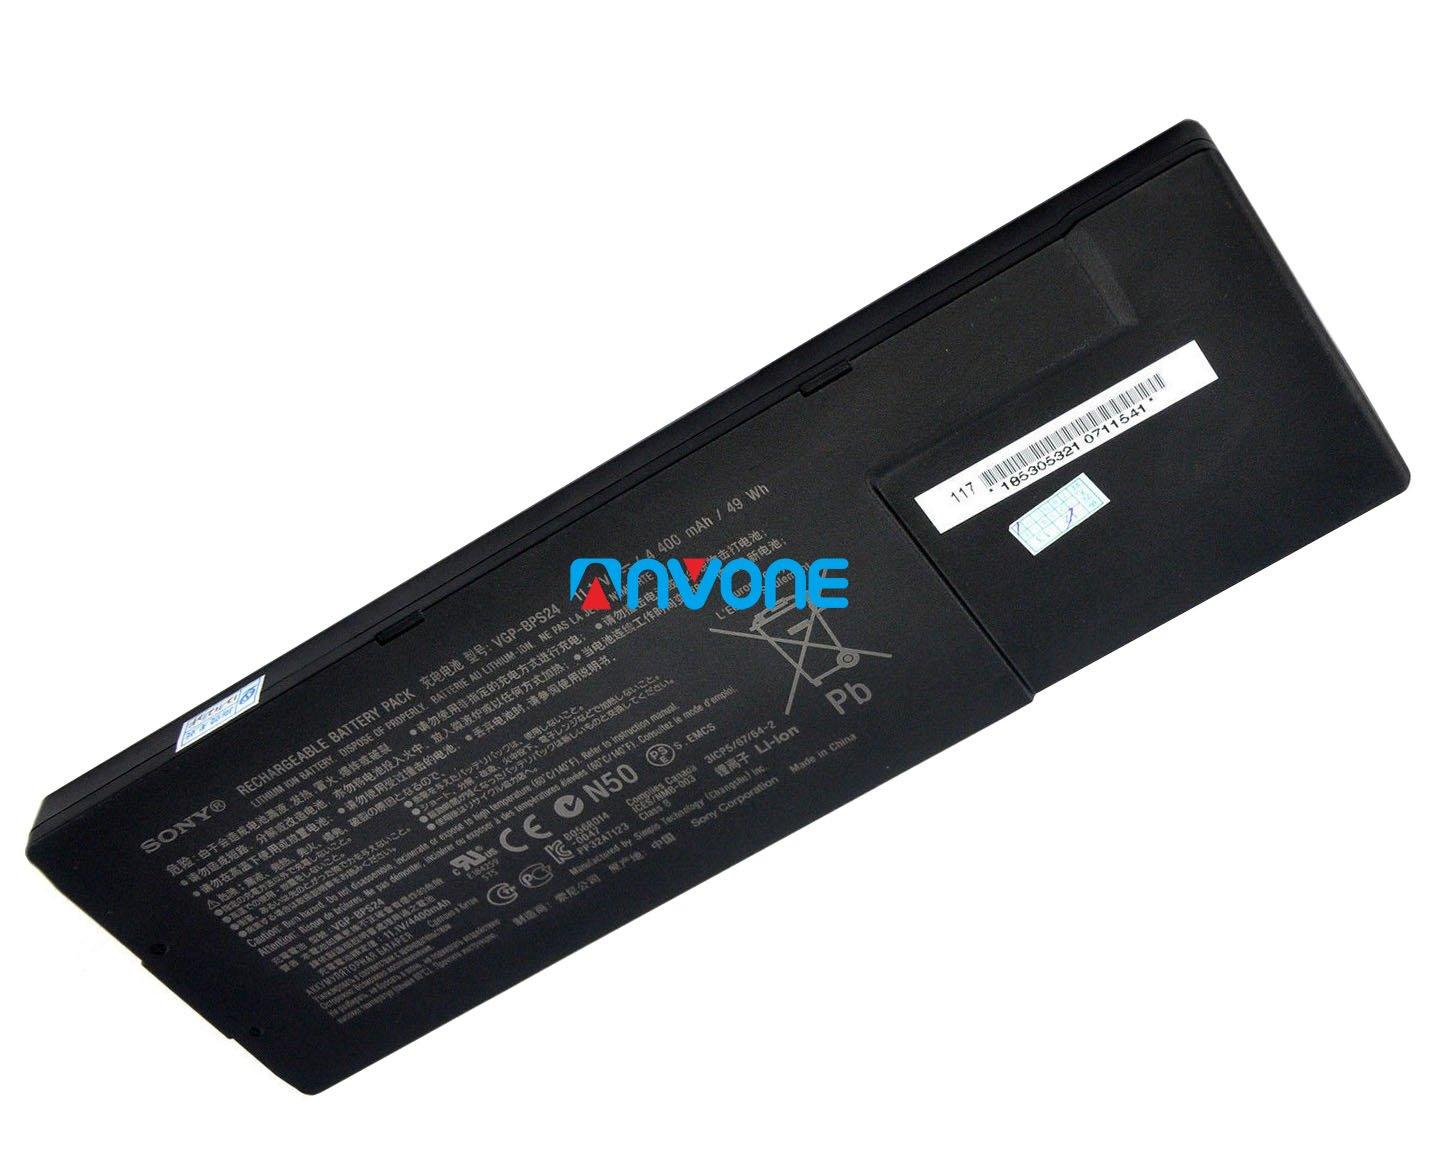 Genuine VGP-BPS24 Sony VAIO VPC-SB2M9E VPC-SB35FA/L VPC-SB35FG VPC-SB35FG/B Battery